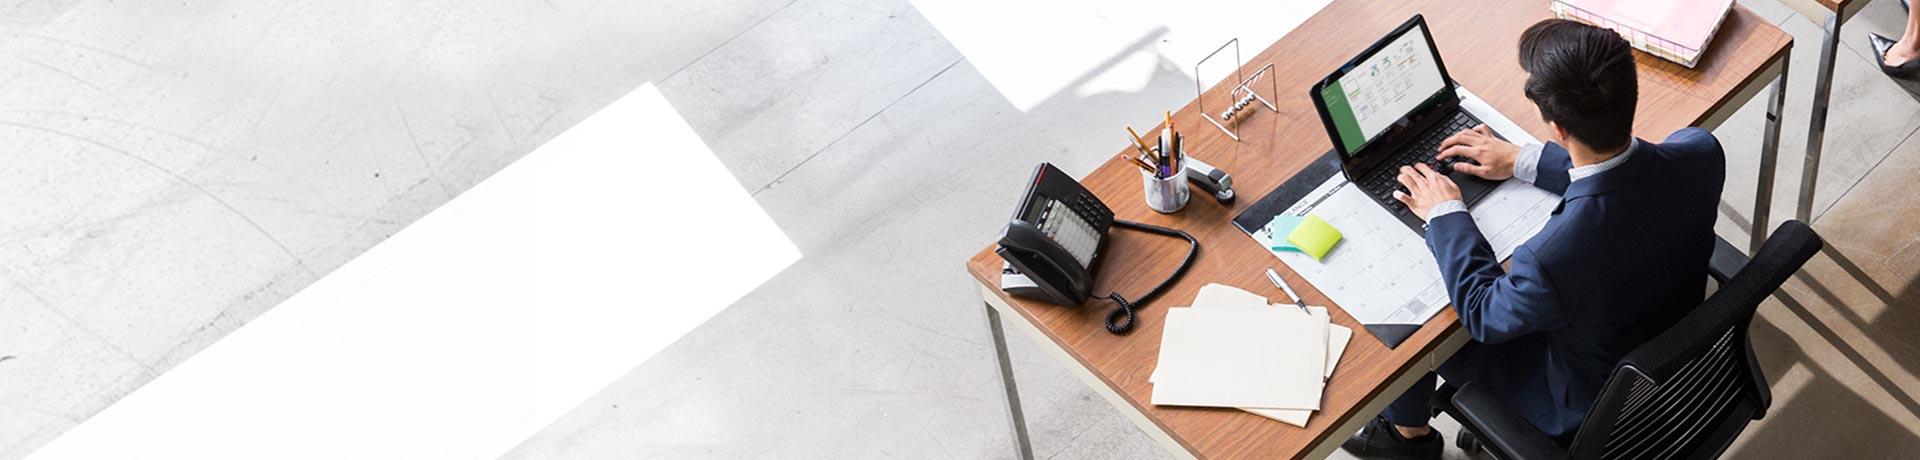 Muž, který sedí u stolu v kanceláři a pracuje na přenosném počítači se souborem Microsoft Projectu